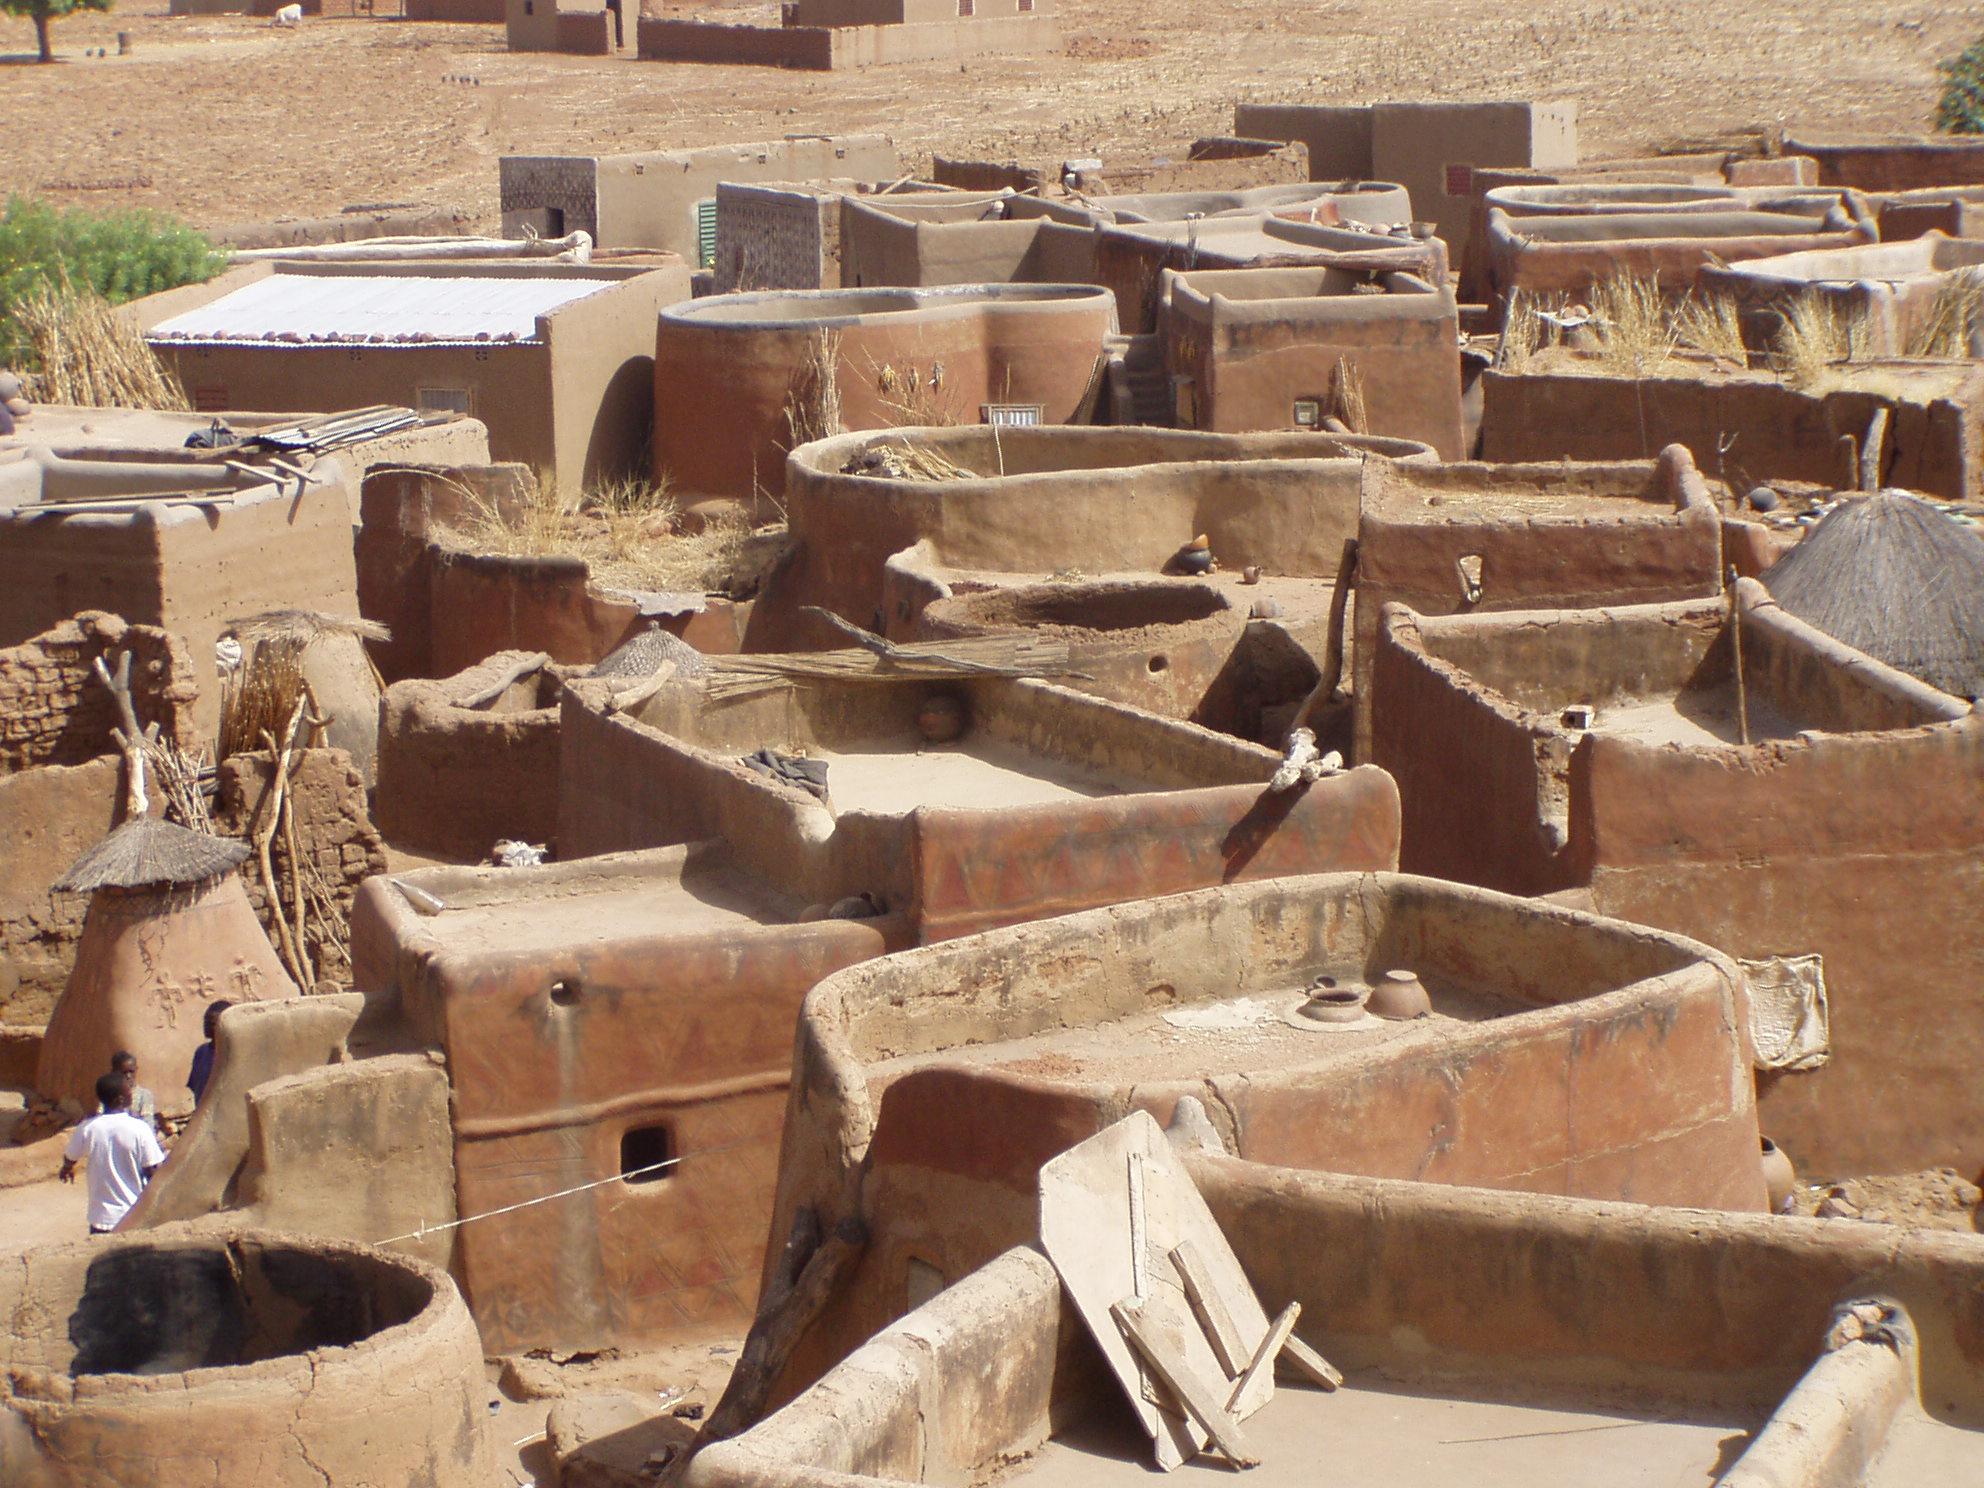 Vue sur une concession kassena. View on a Kassena compound.